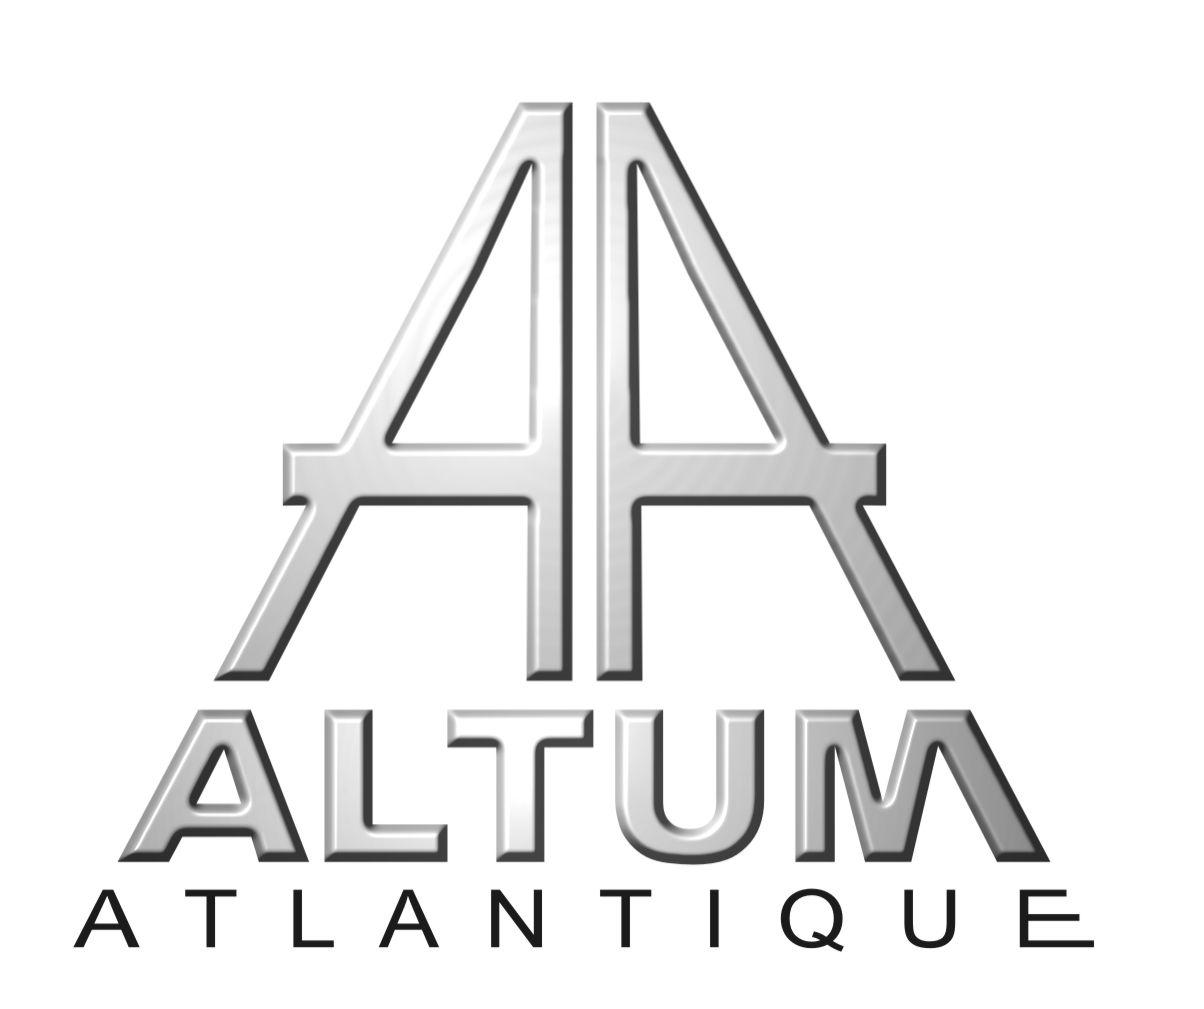 Altum Atlantique